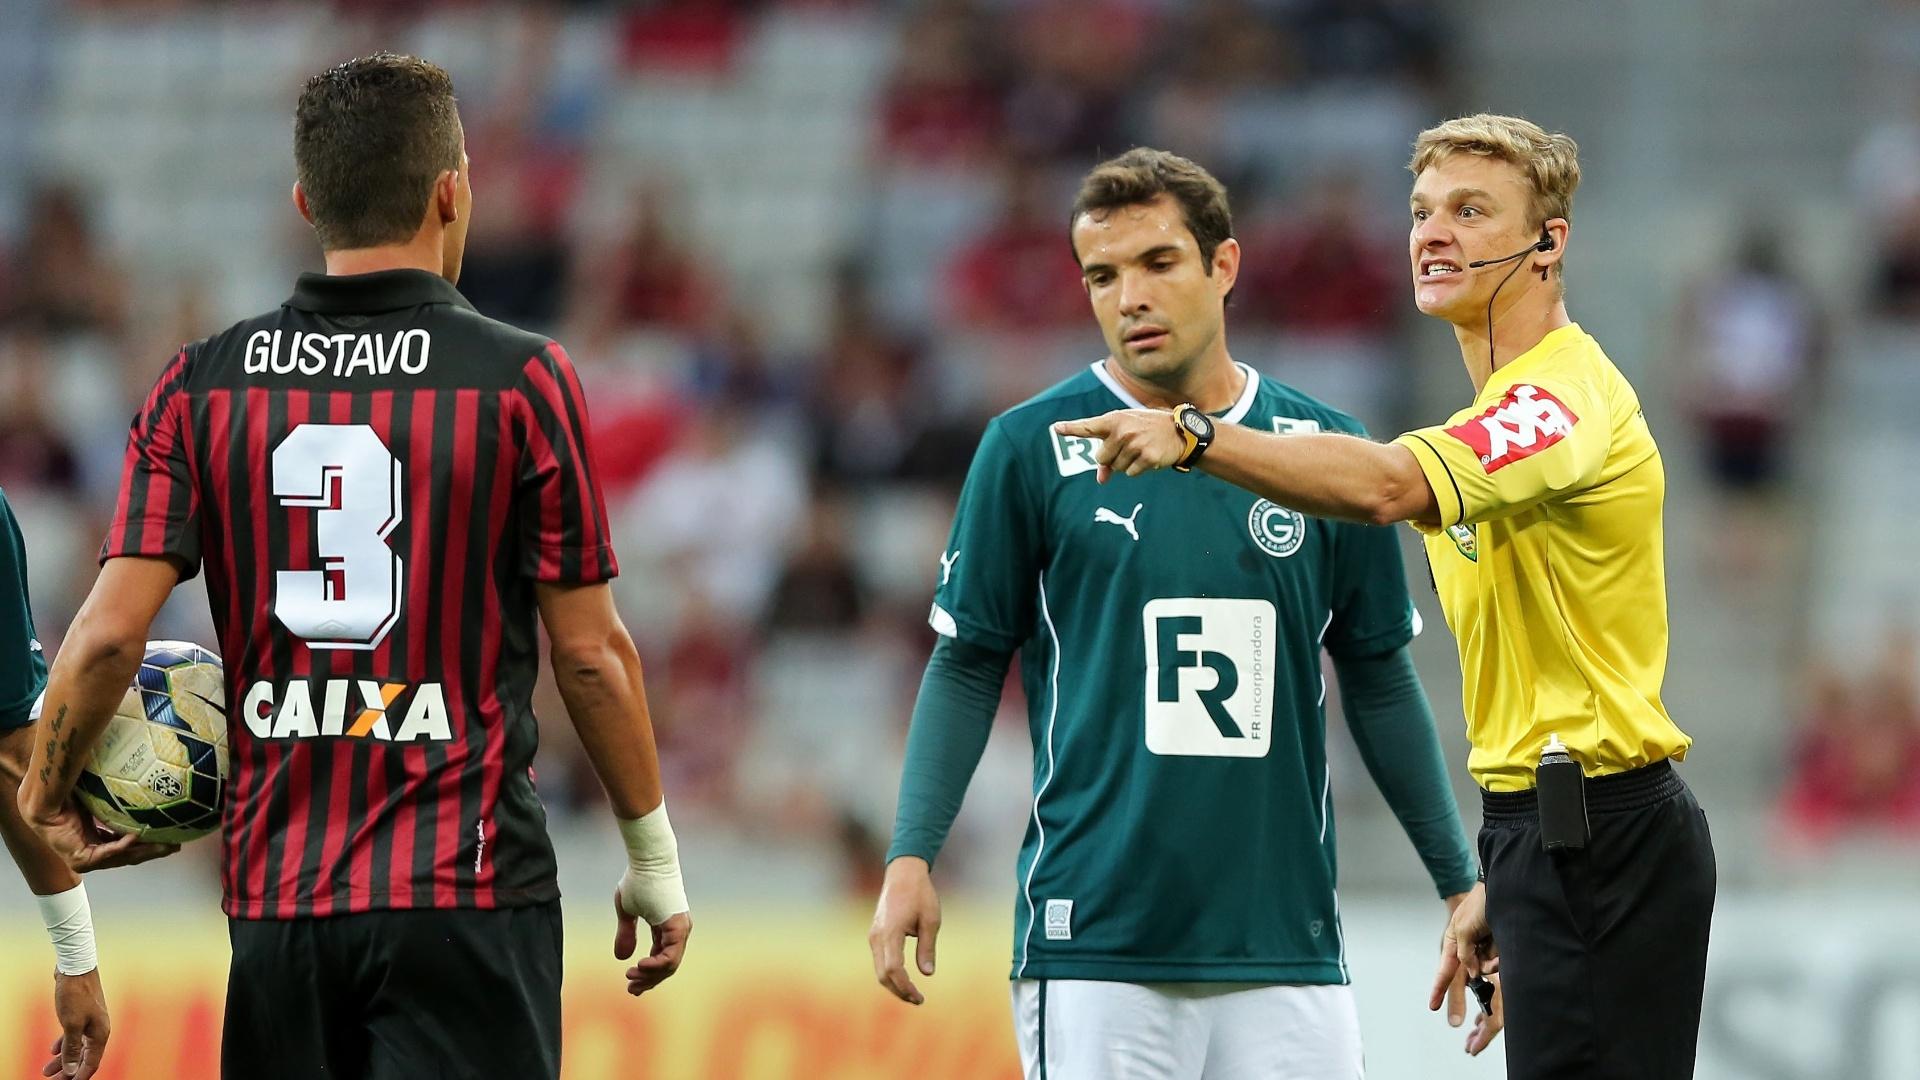 Árbitro Thiago Duarte Peixoto dá bronca em zagueiro Gustavo, do Atlético-PR